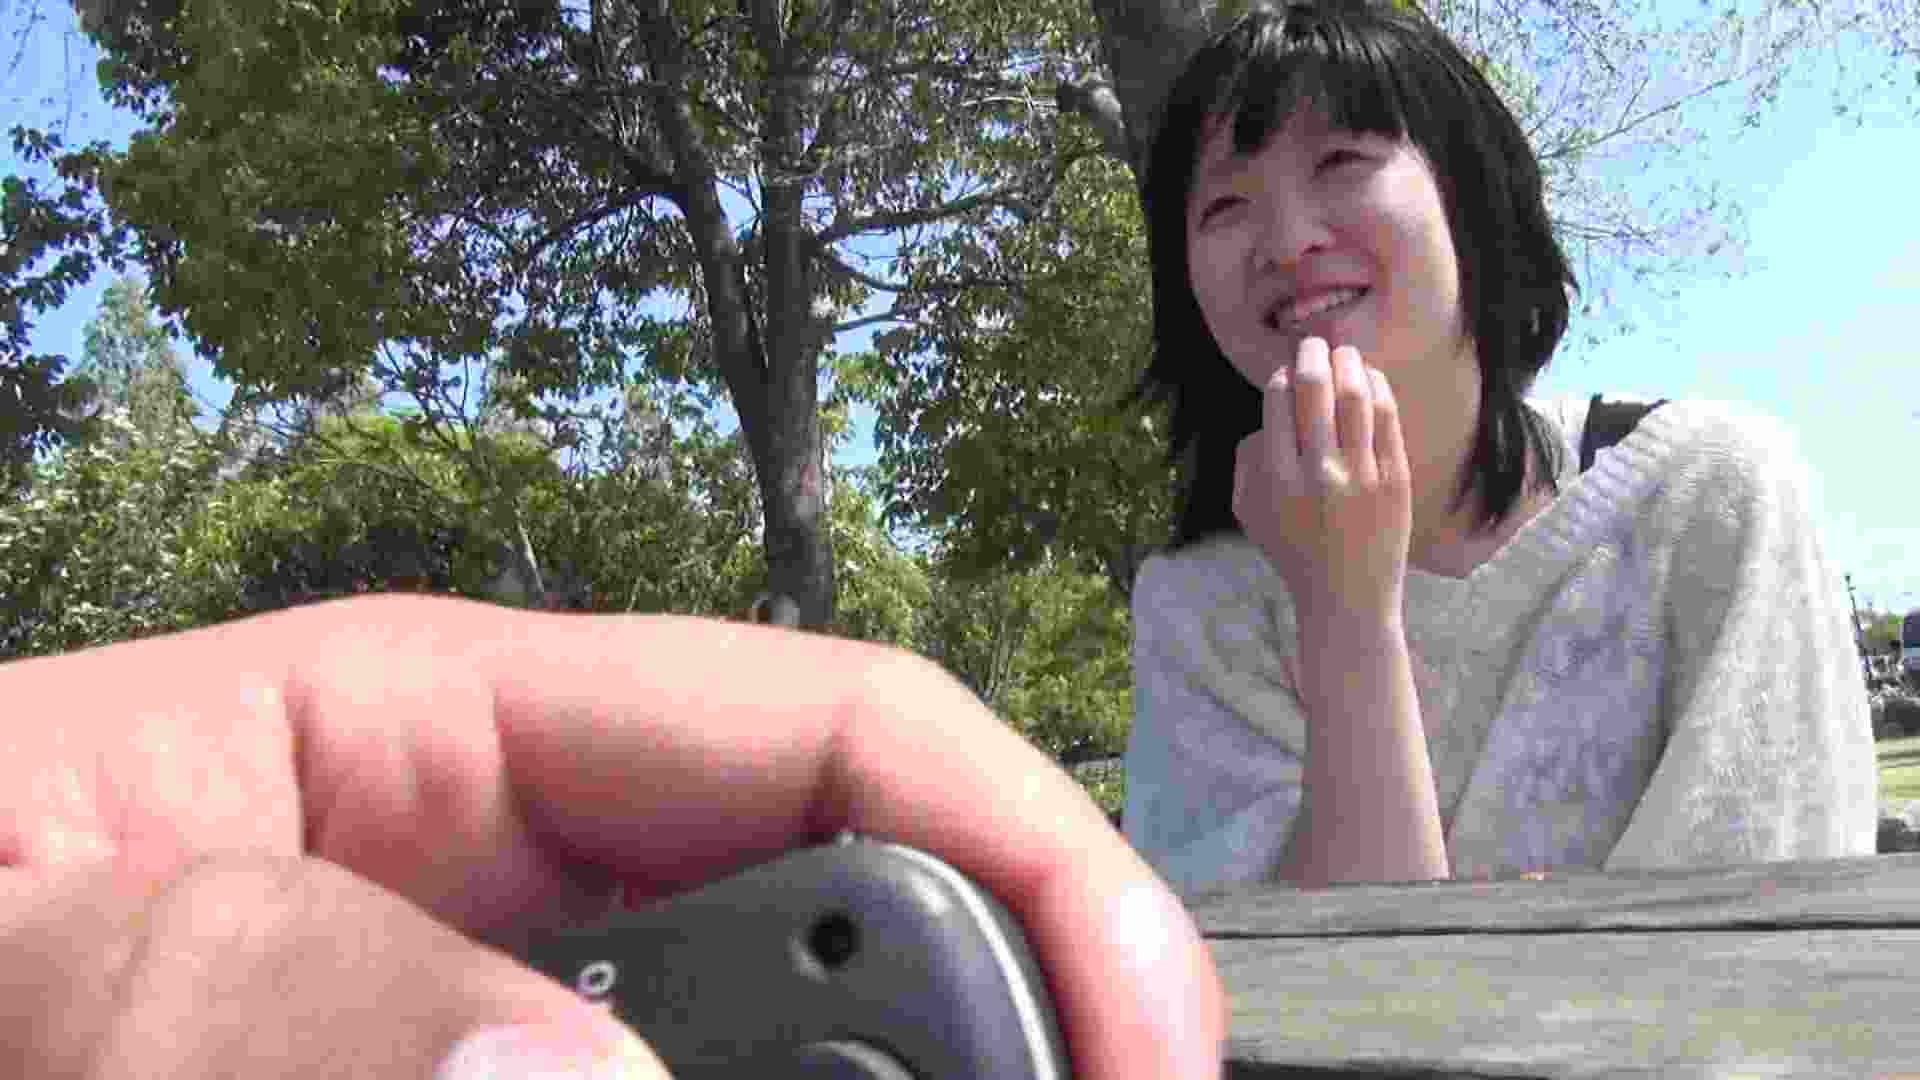 【母の時・01】インタビュー→とびっこ 覗き | 盗撮  64PIX 41